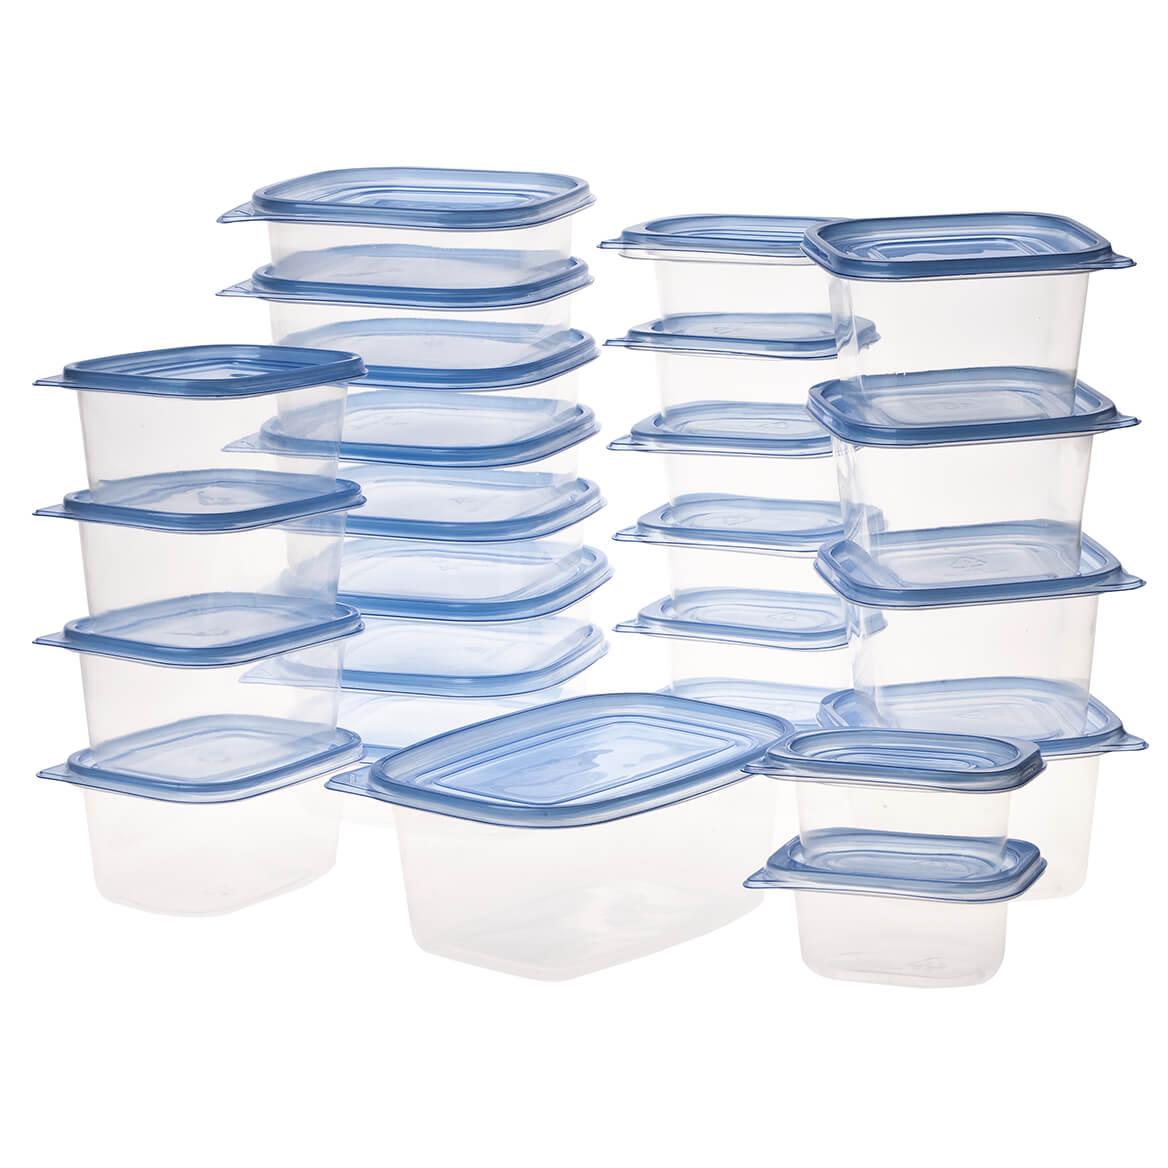 50 Piece Storage Container Set-361656